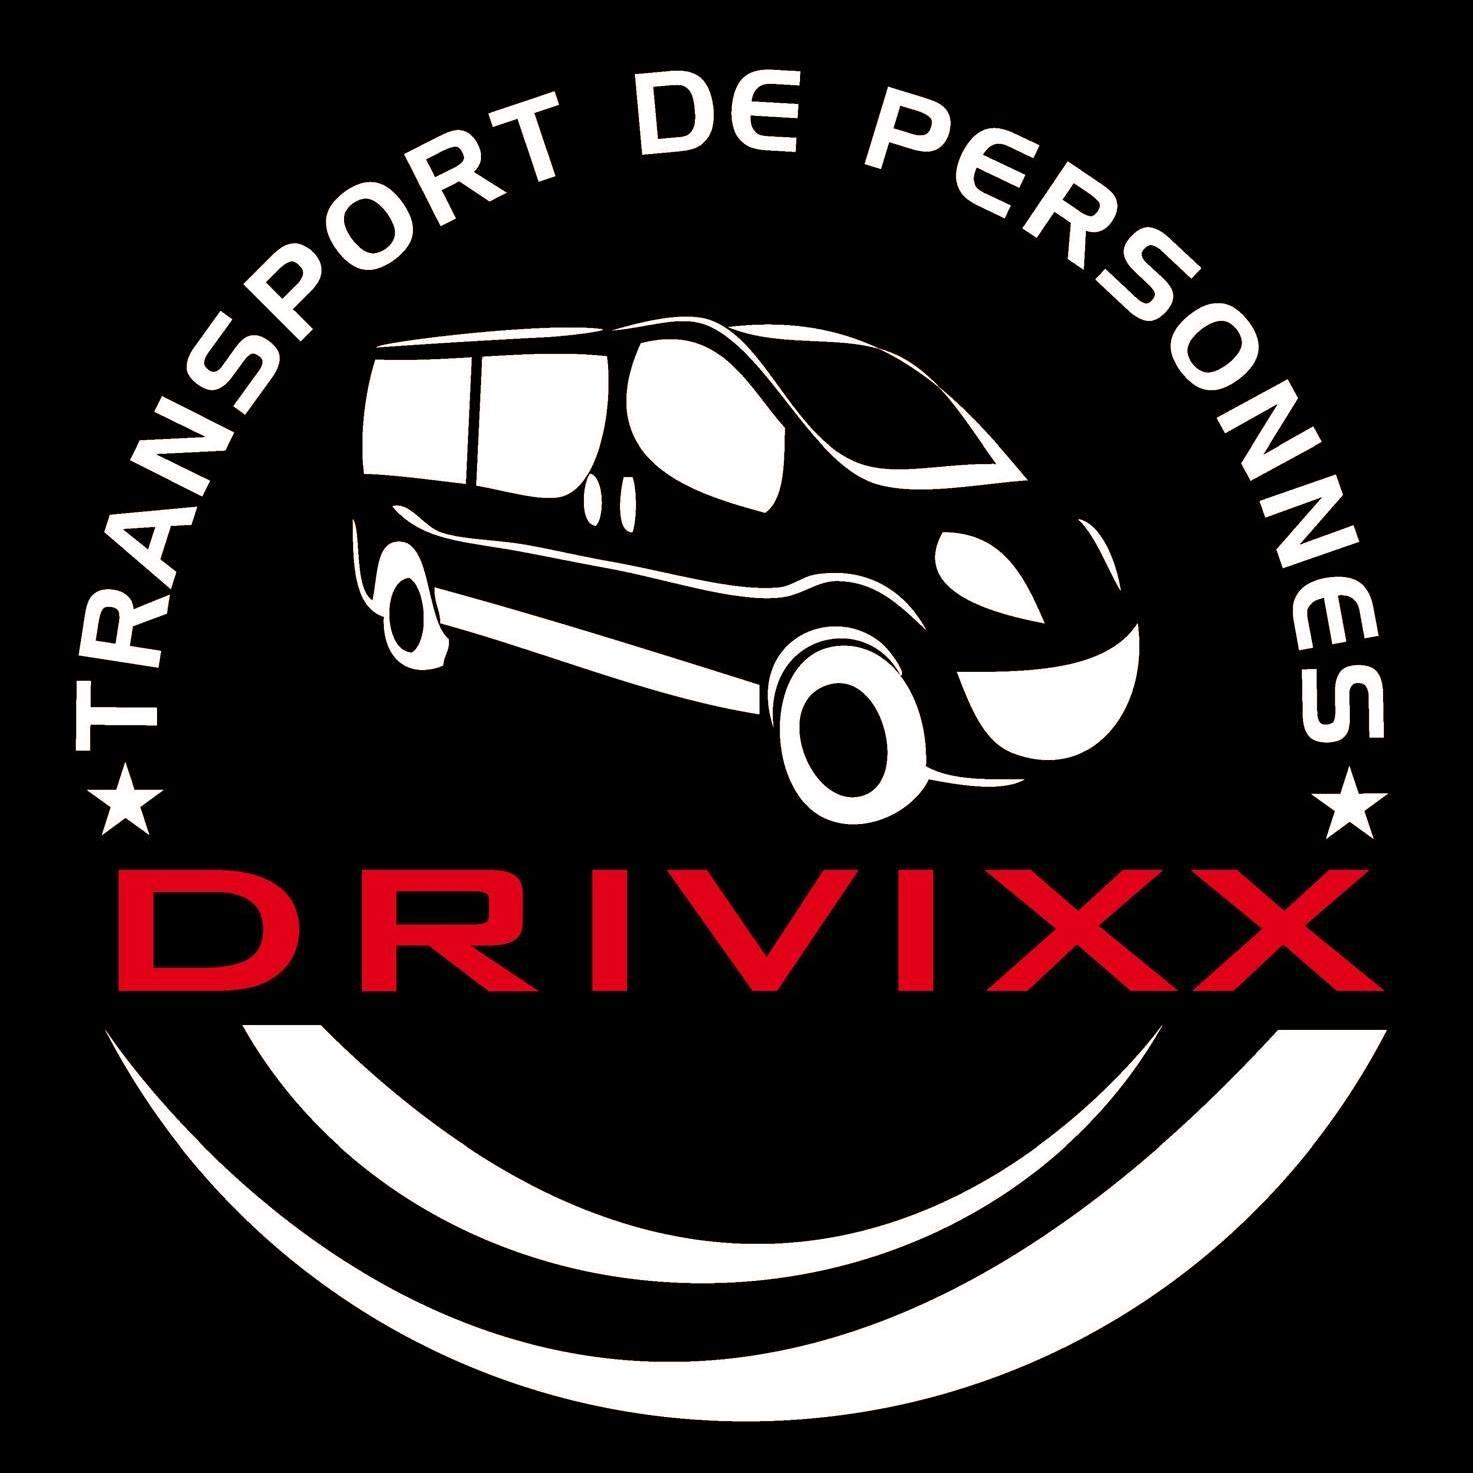 Drivixx.jpg